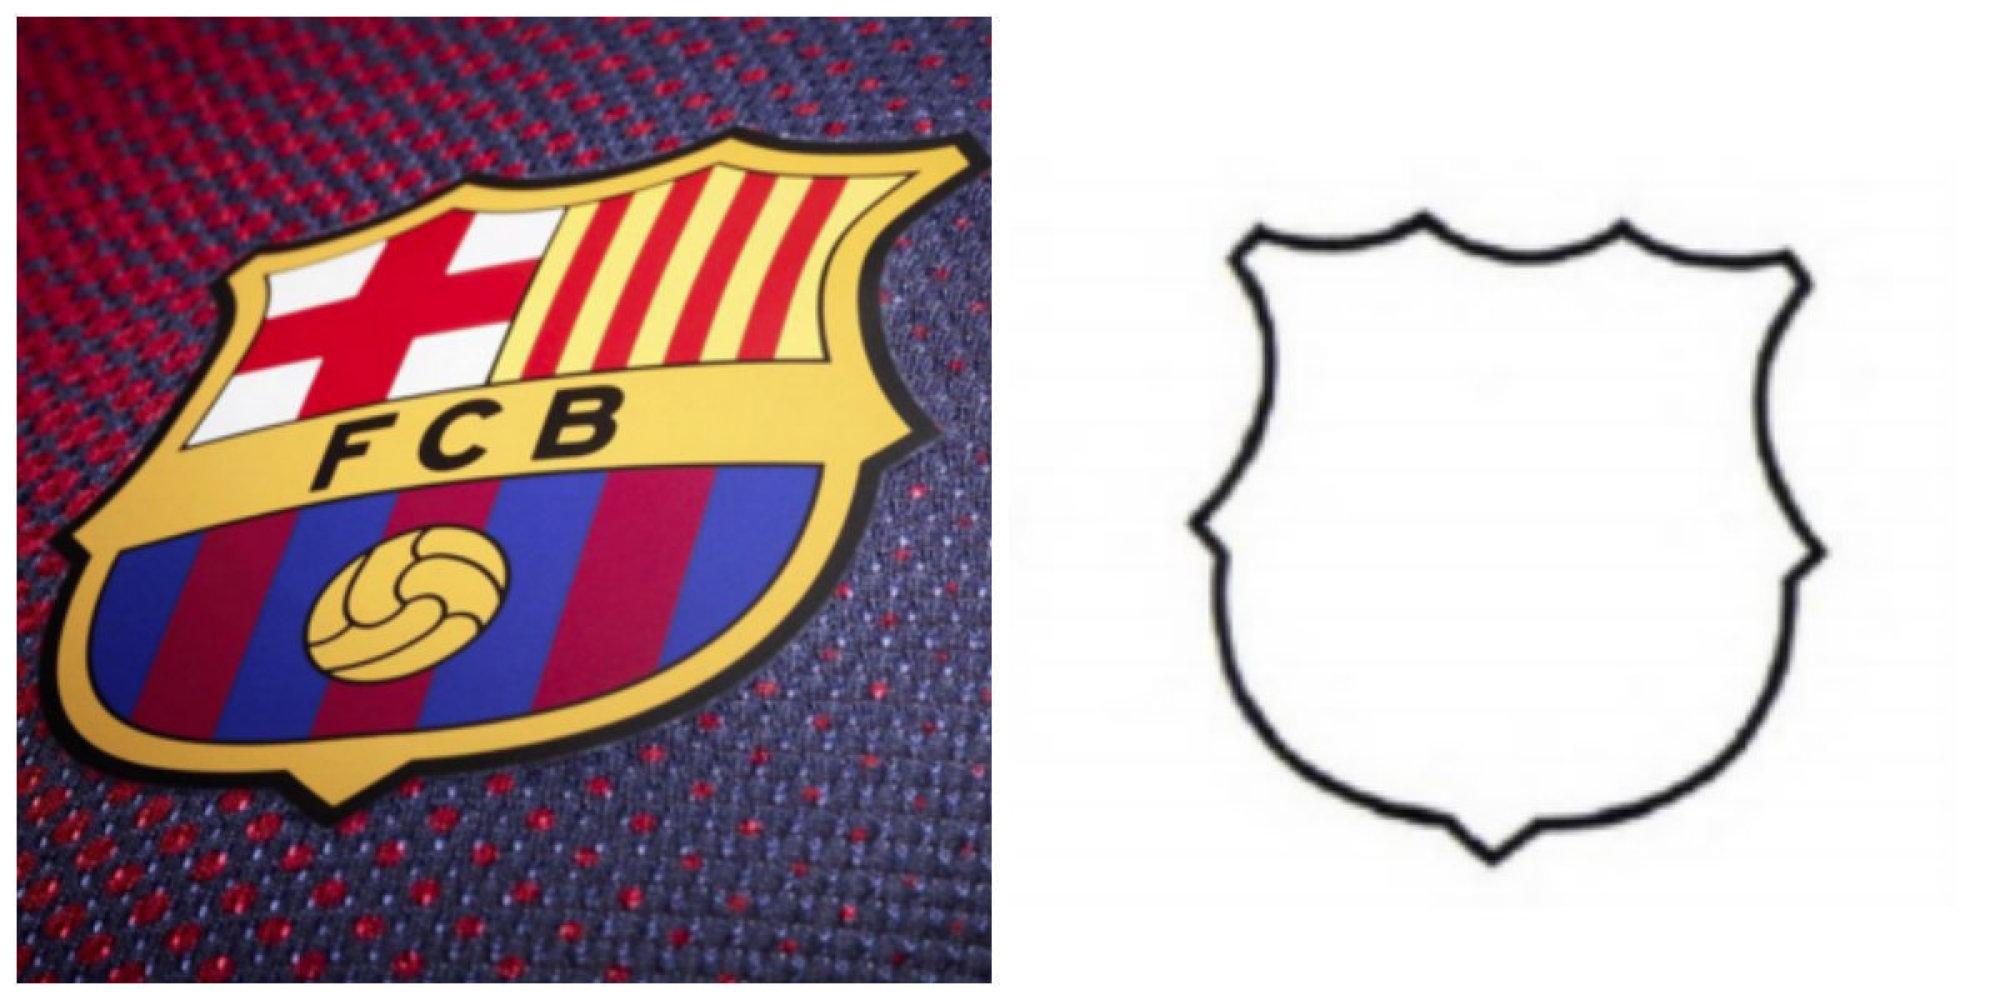 Les contours du logo du bar a ne deviendront pas une marque - Logo equipe de foot espagne ...